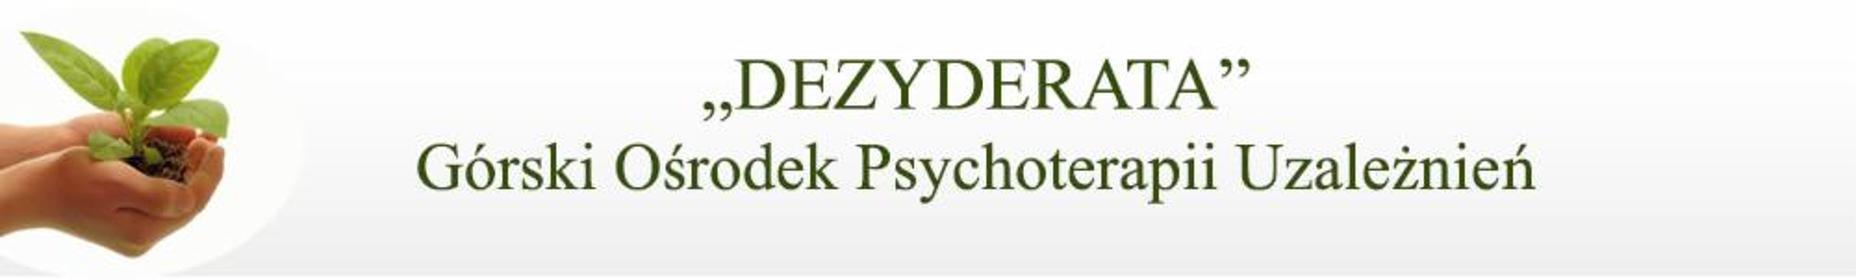 Górski ośrodek psychoterapi i Leczenia Uzależnień - Dietetyk Lipnica Wielka